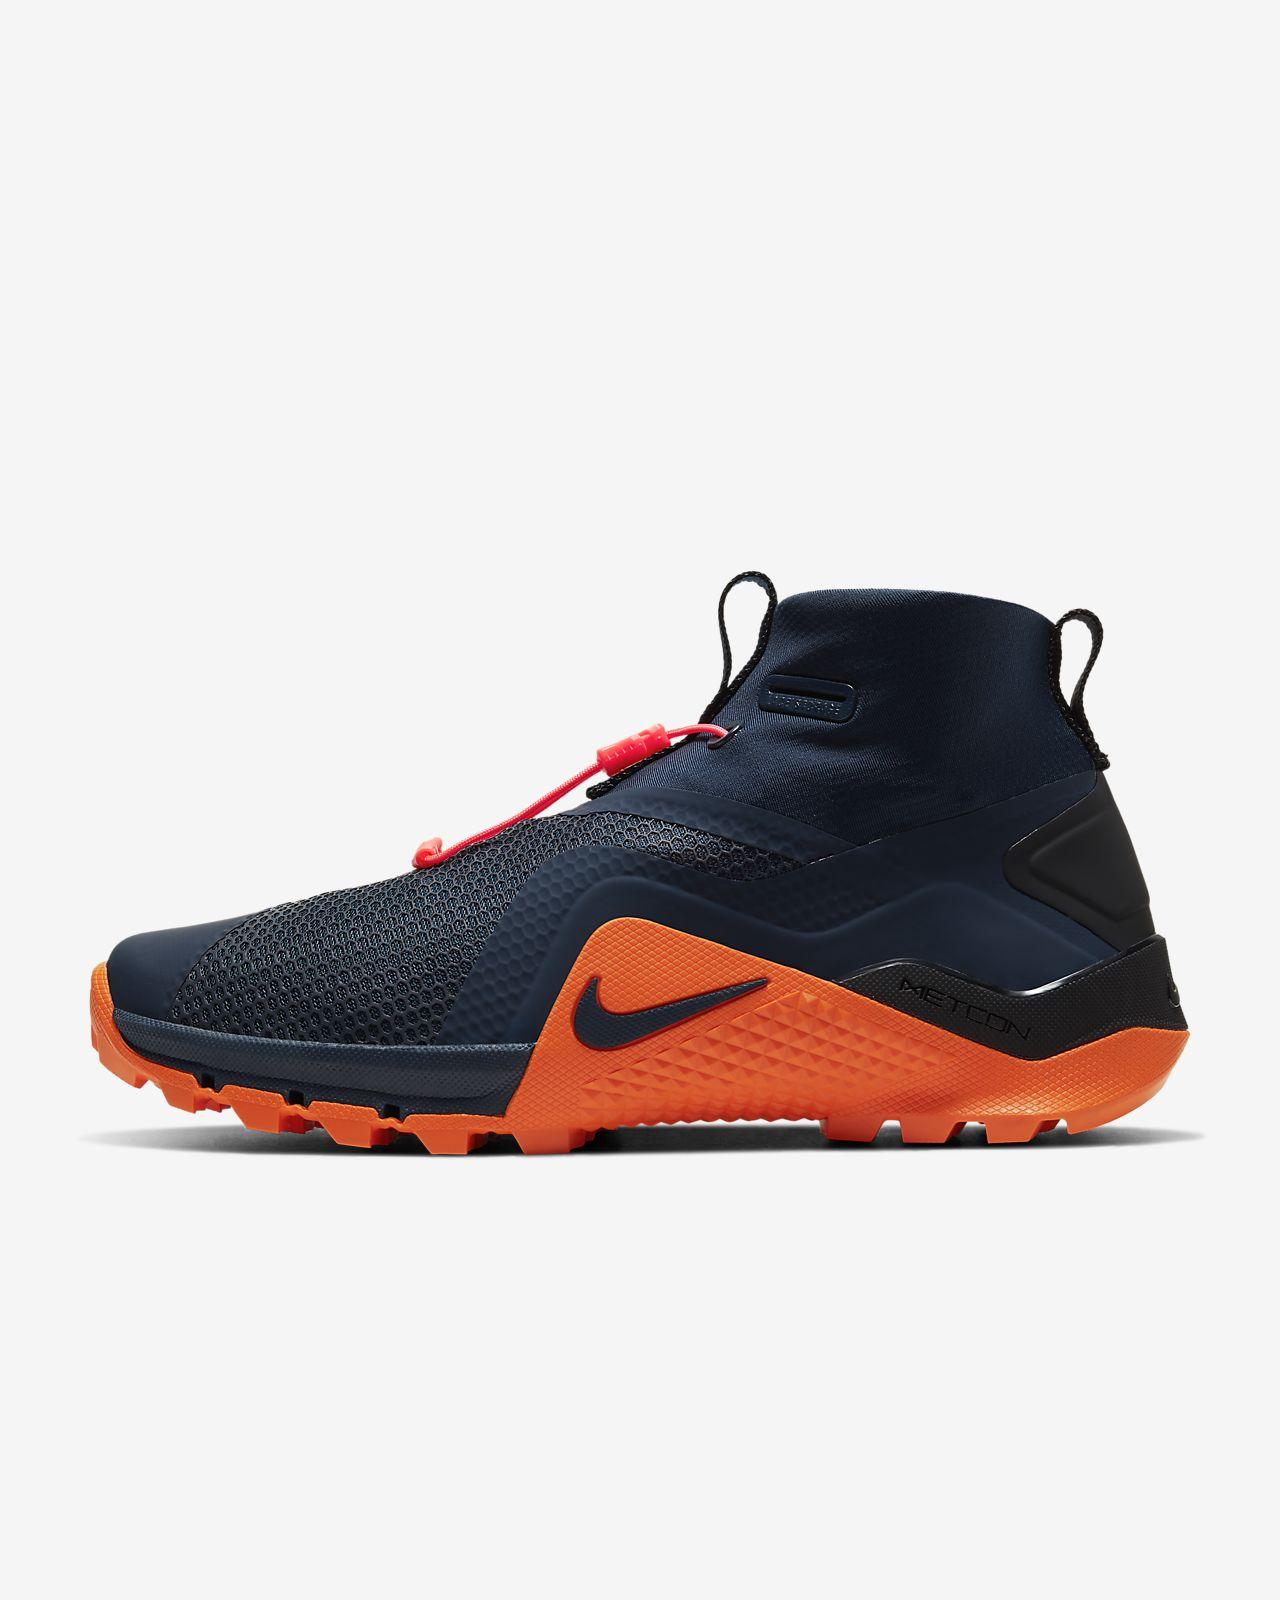 Nike MetconSF-træningssko til mænd